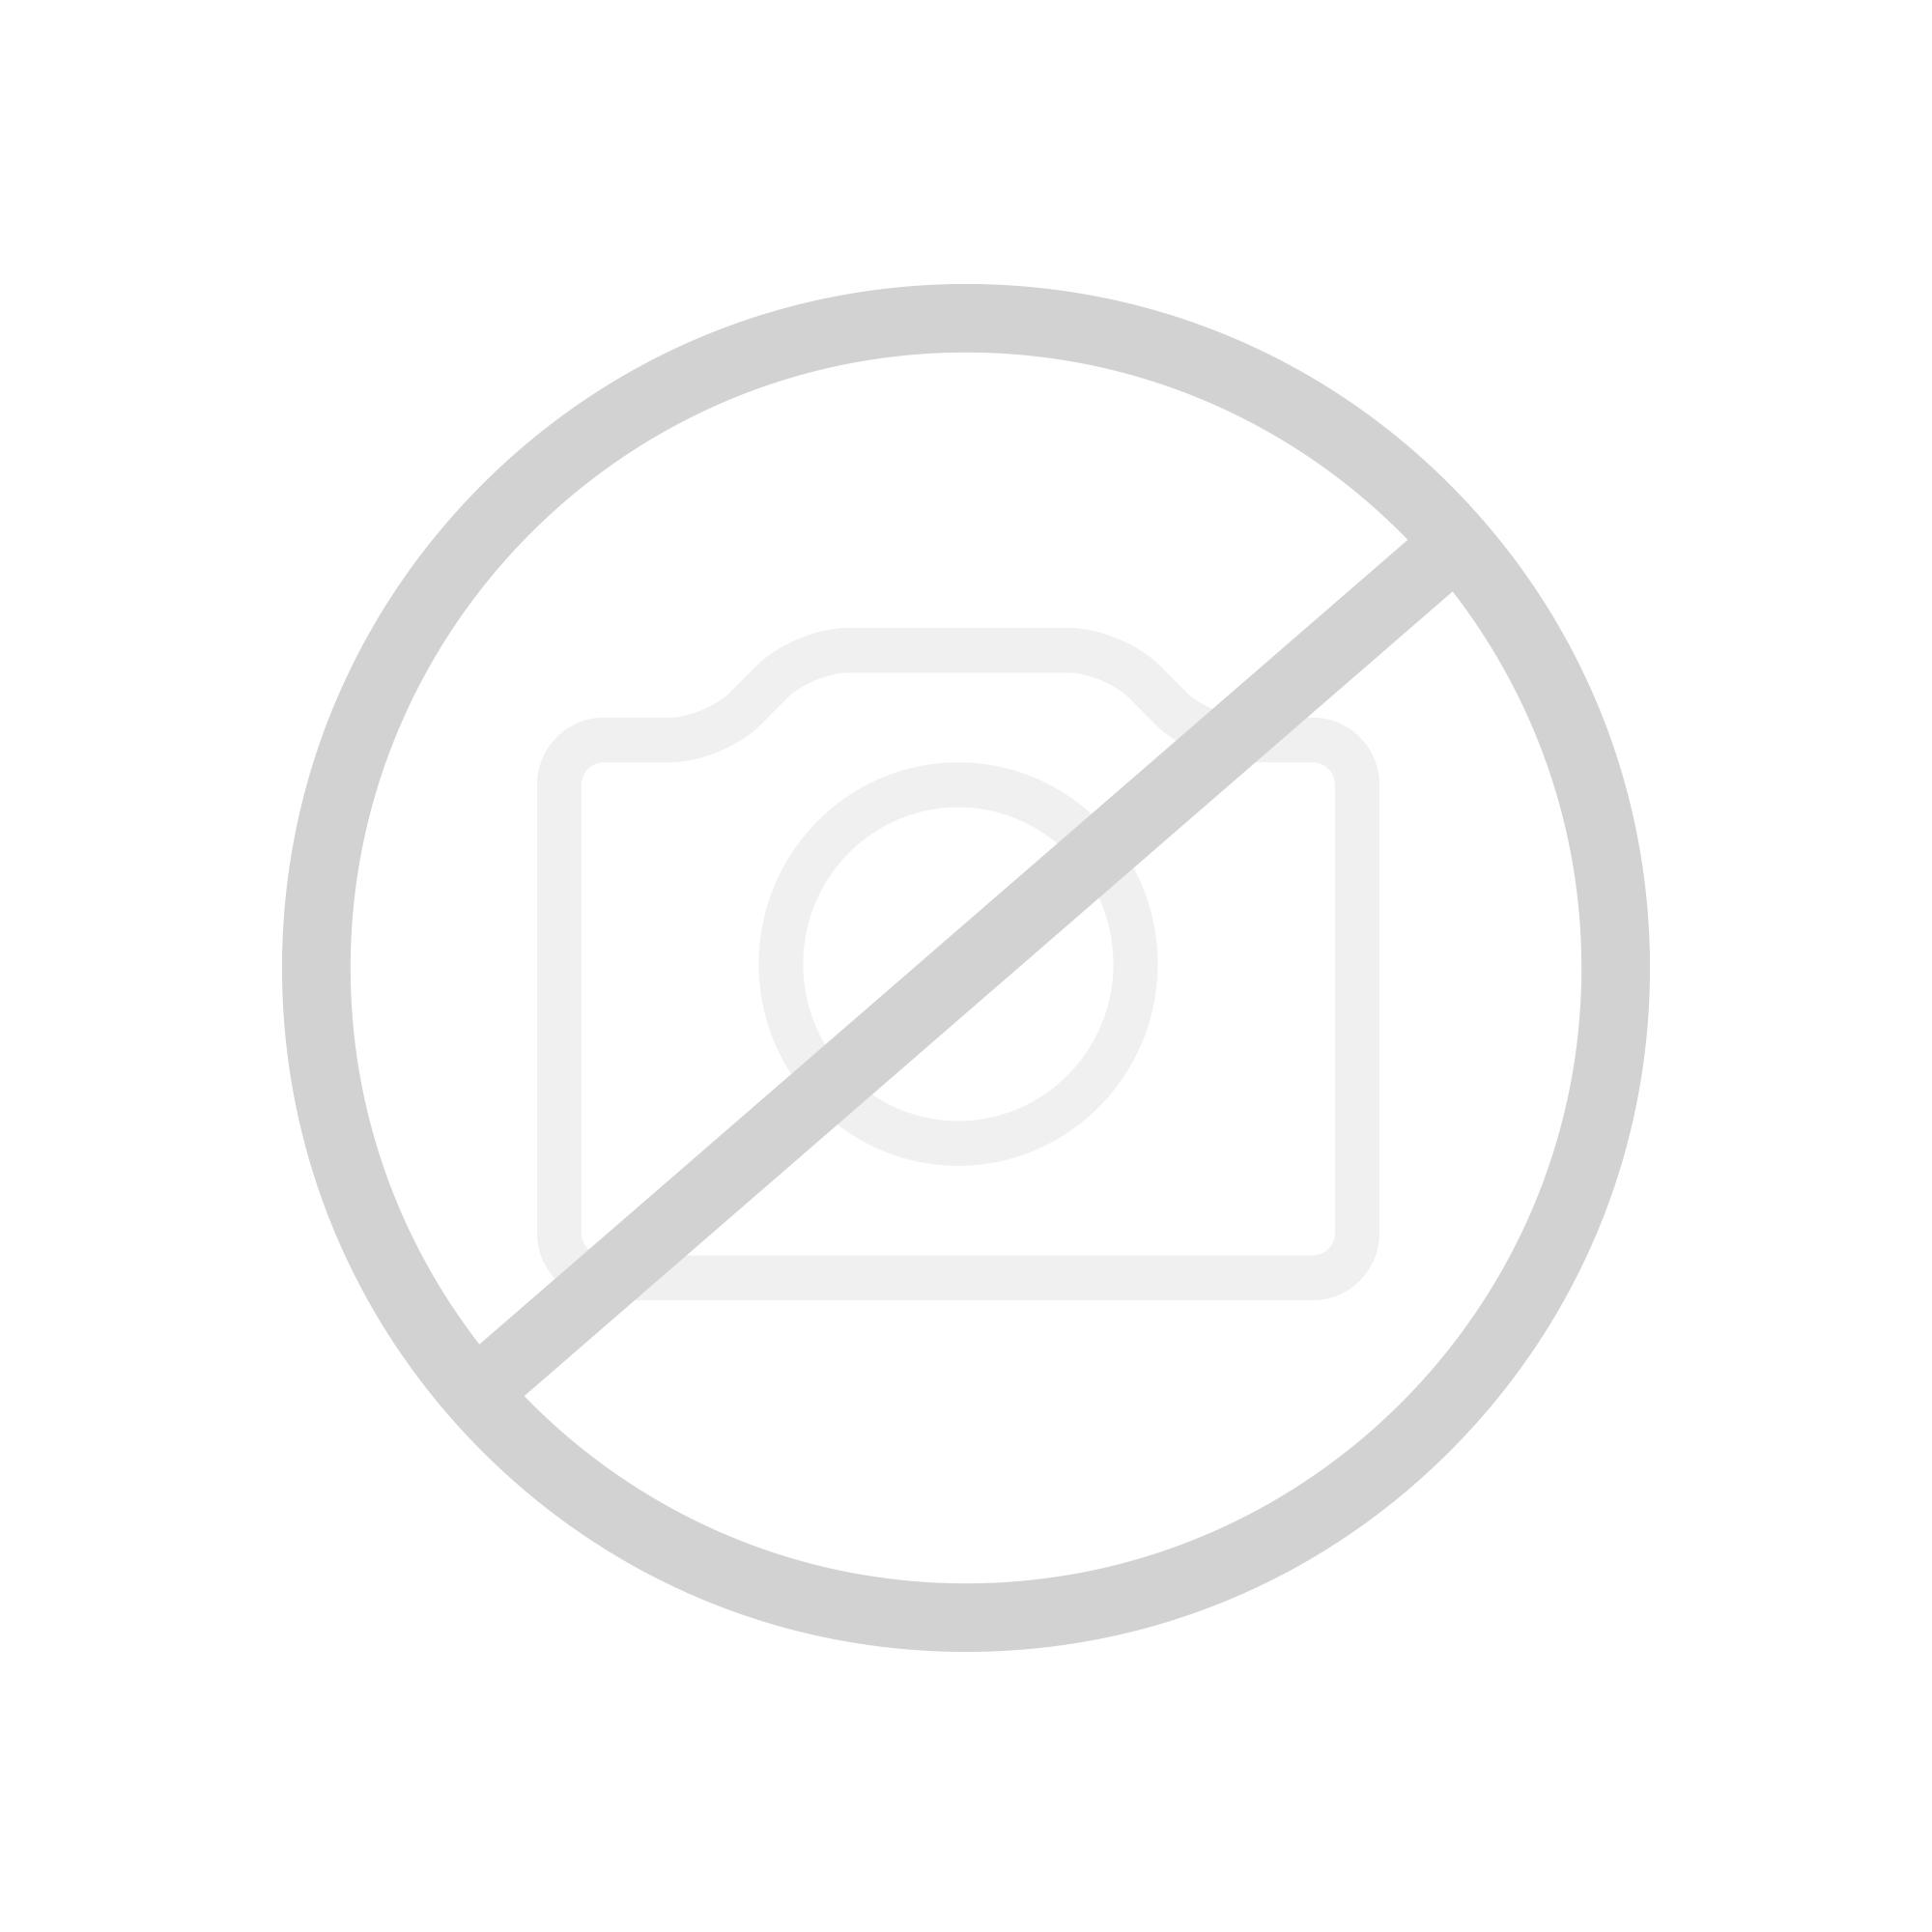 Geberit Duofix Waschtisch-Element für UP-Geruchsverschluss, 112-130cm, BF, für Wandarmatur